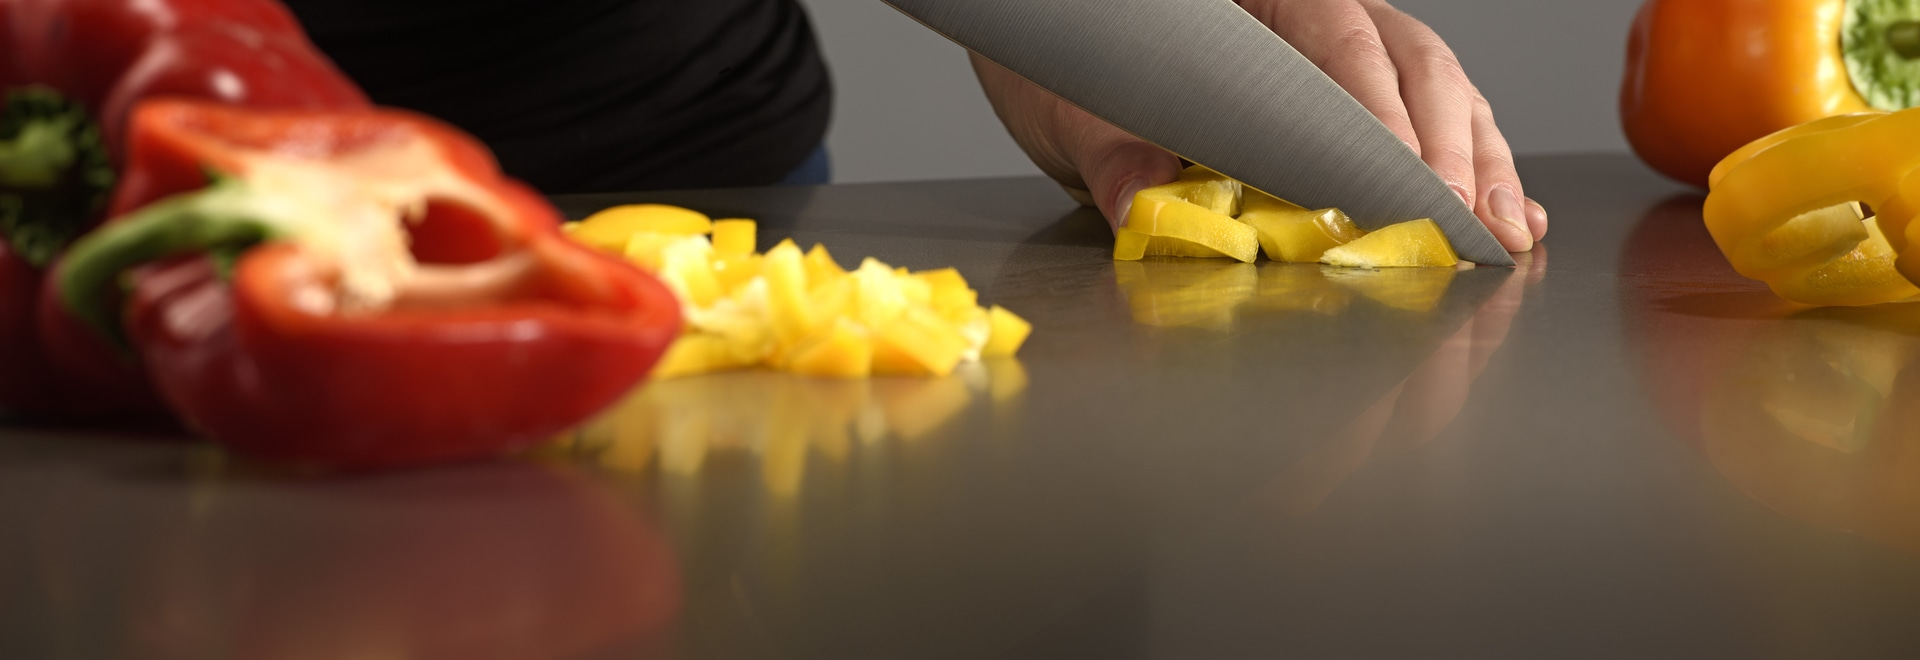 TM Italia sceglie il Lapitec® per la propria manifattura sartoriale cucine